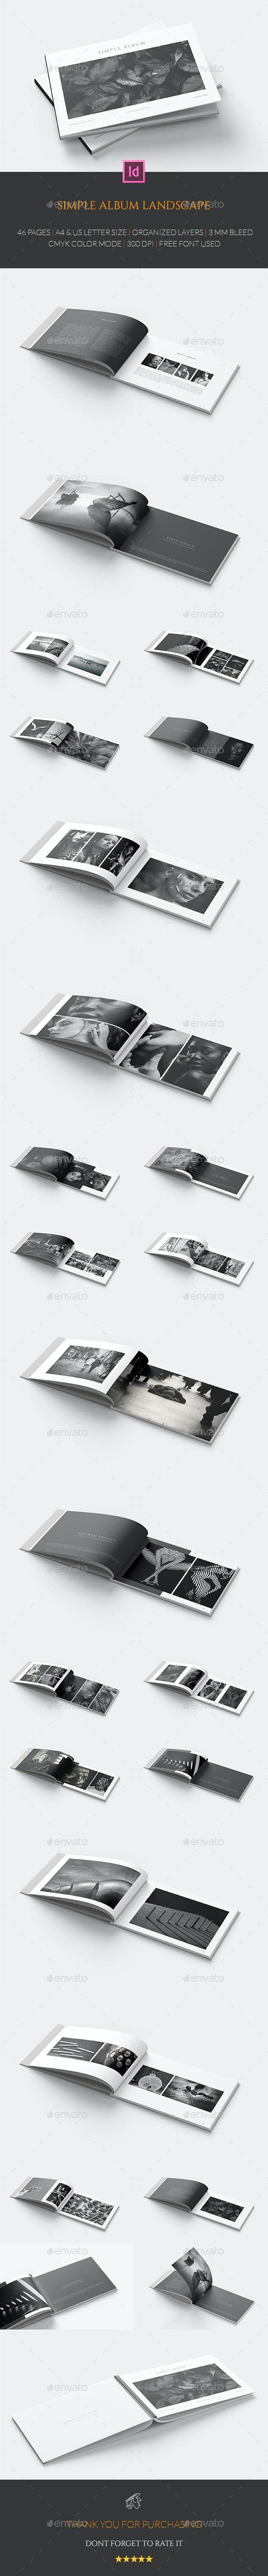 Simple Album Landscape - Photo Albums Print Templates